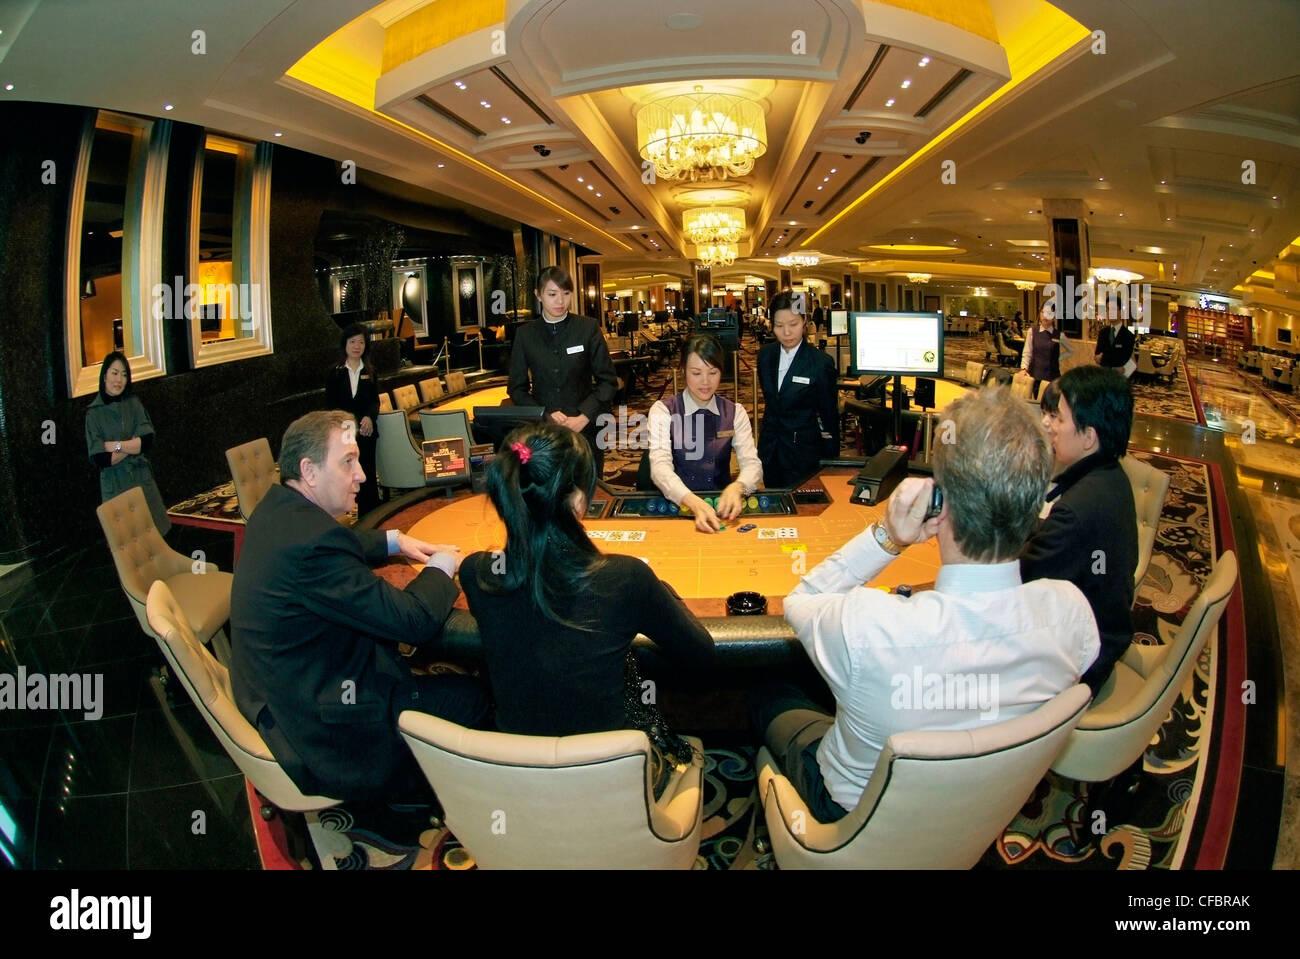 Mgm gambling gambling age limit colorado